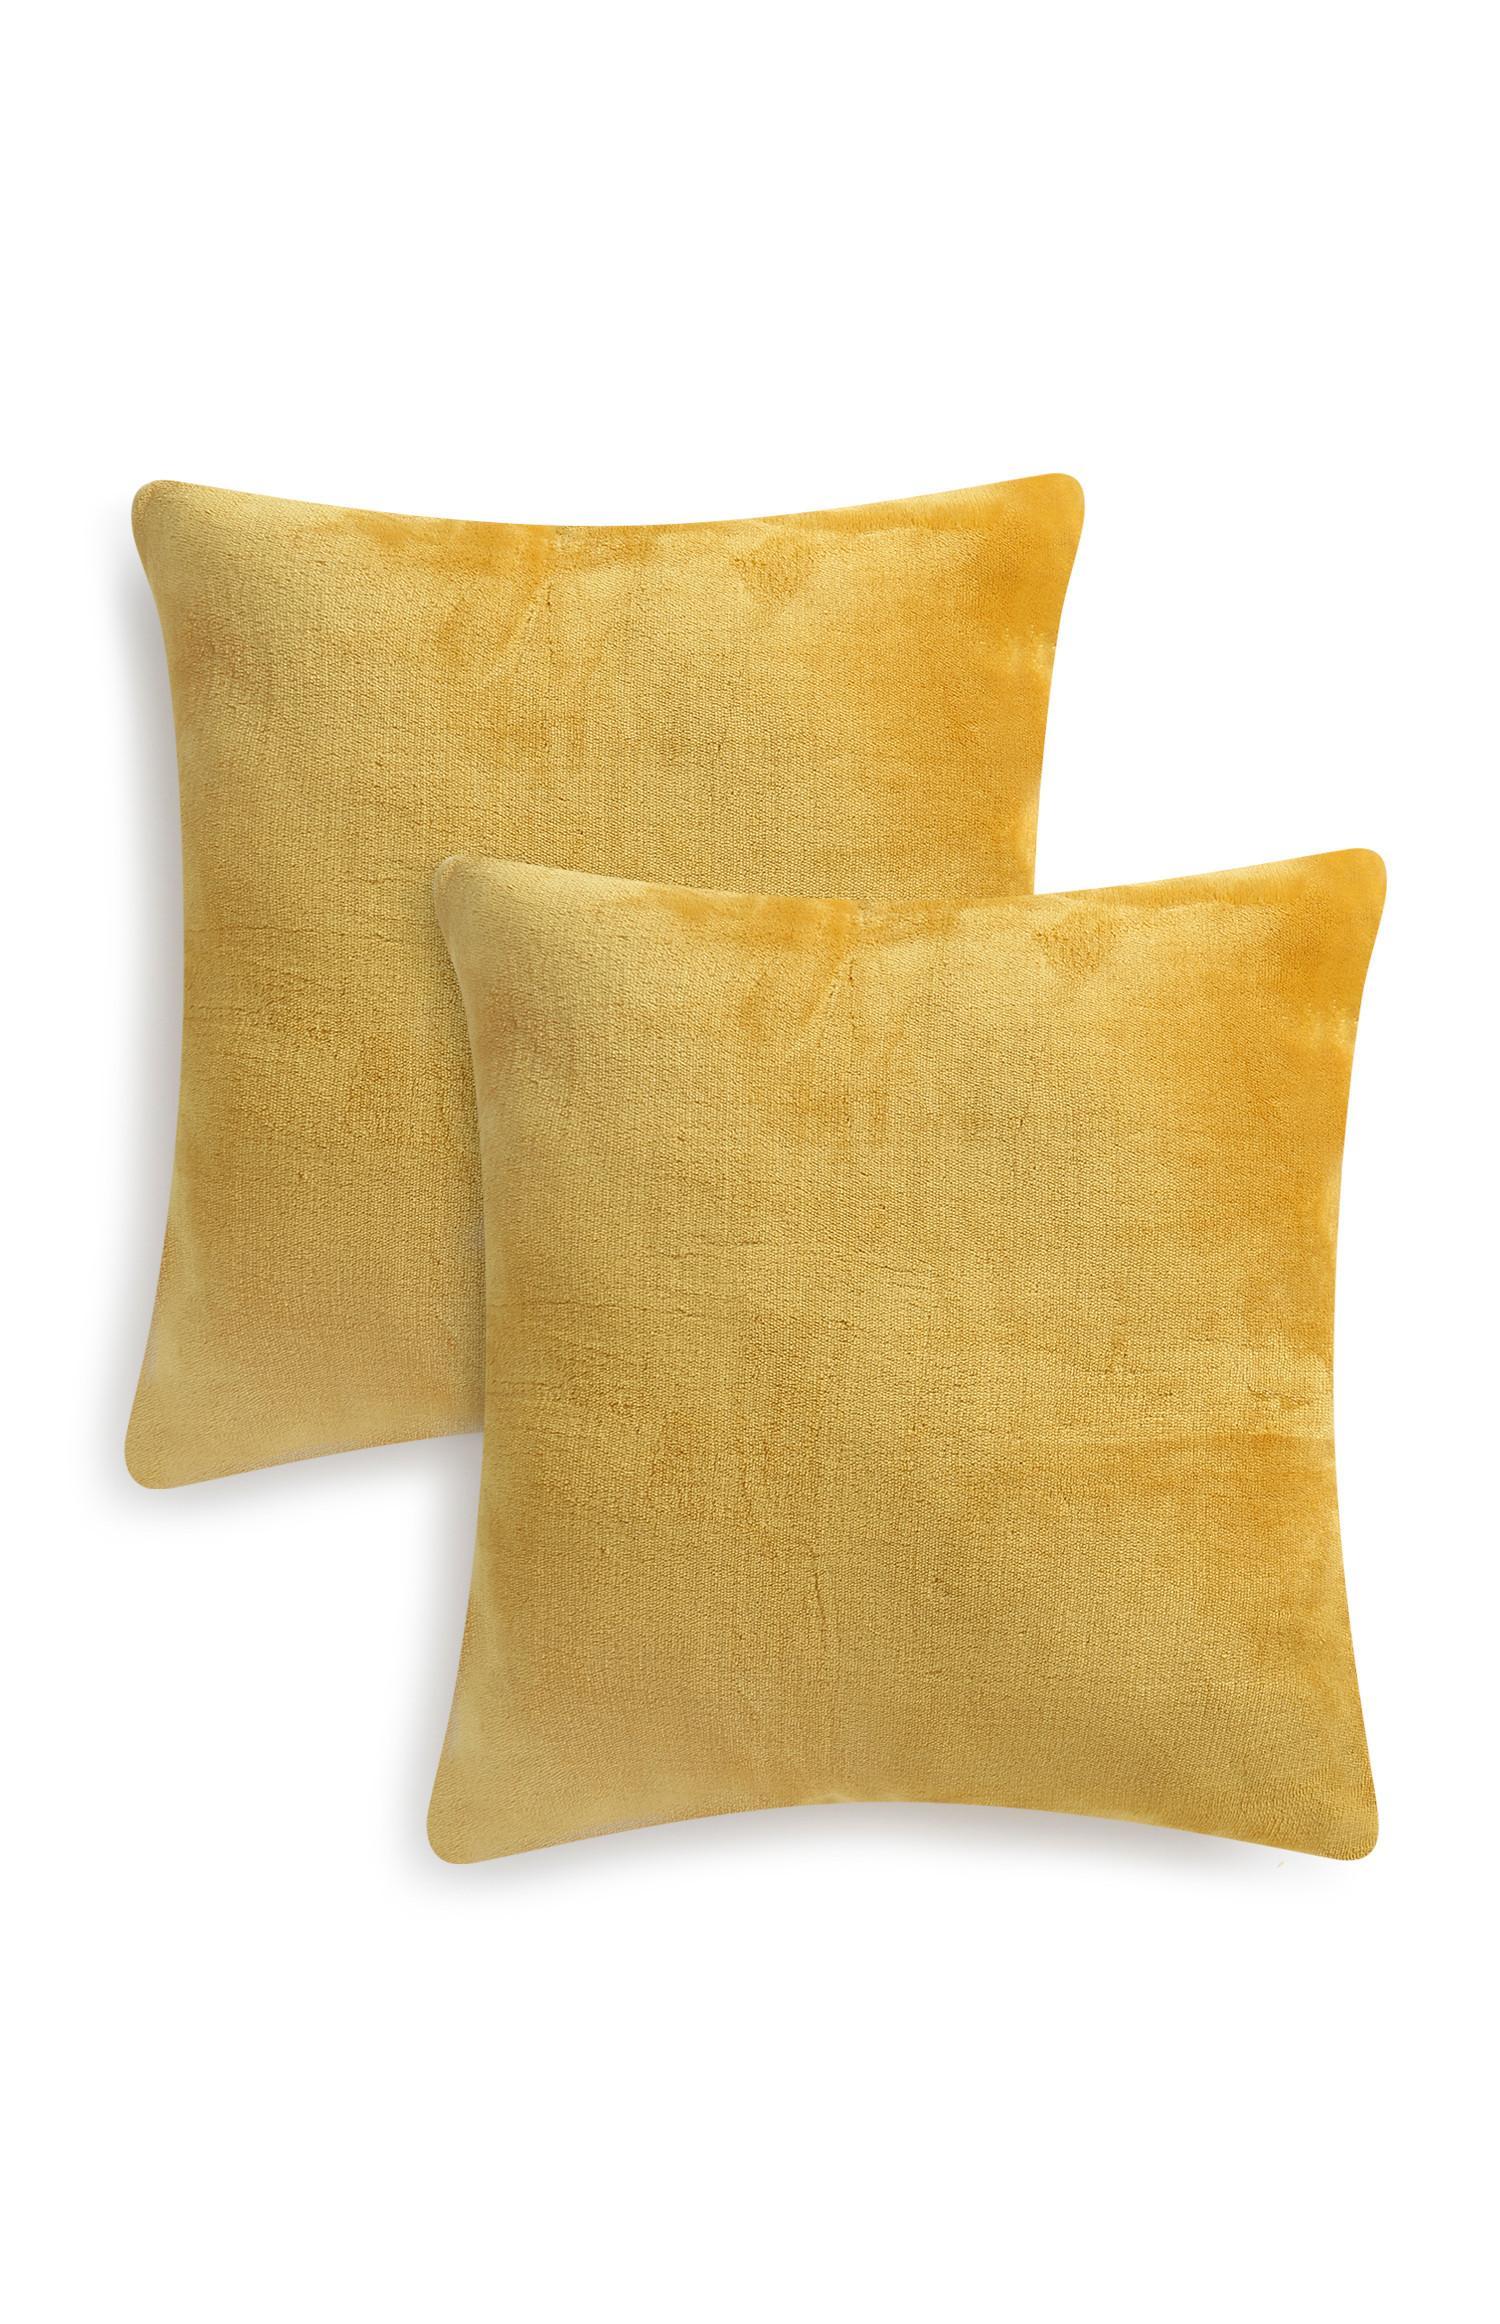 Mustard Cushion 2Pk